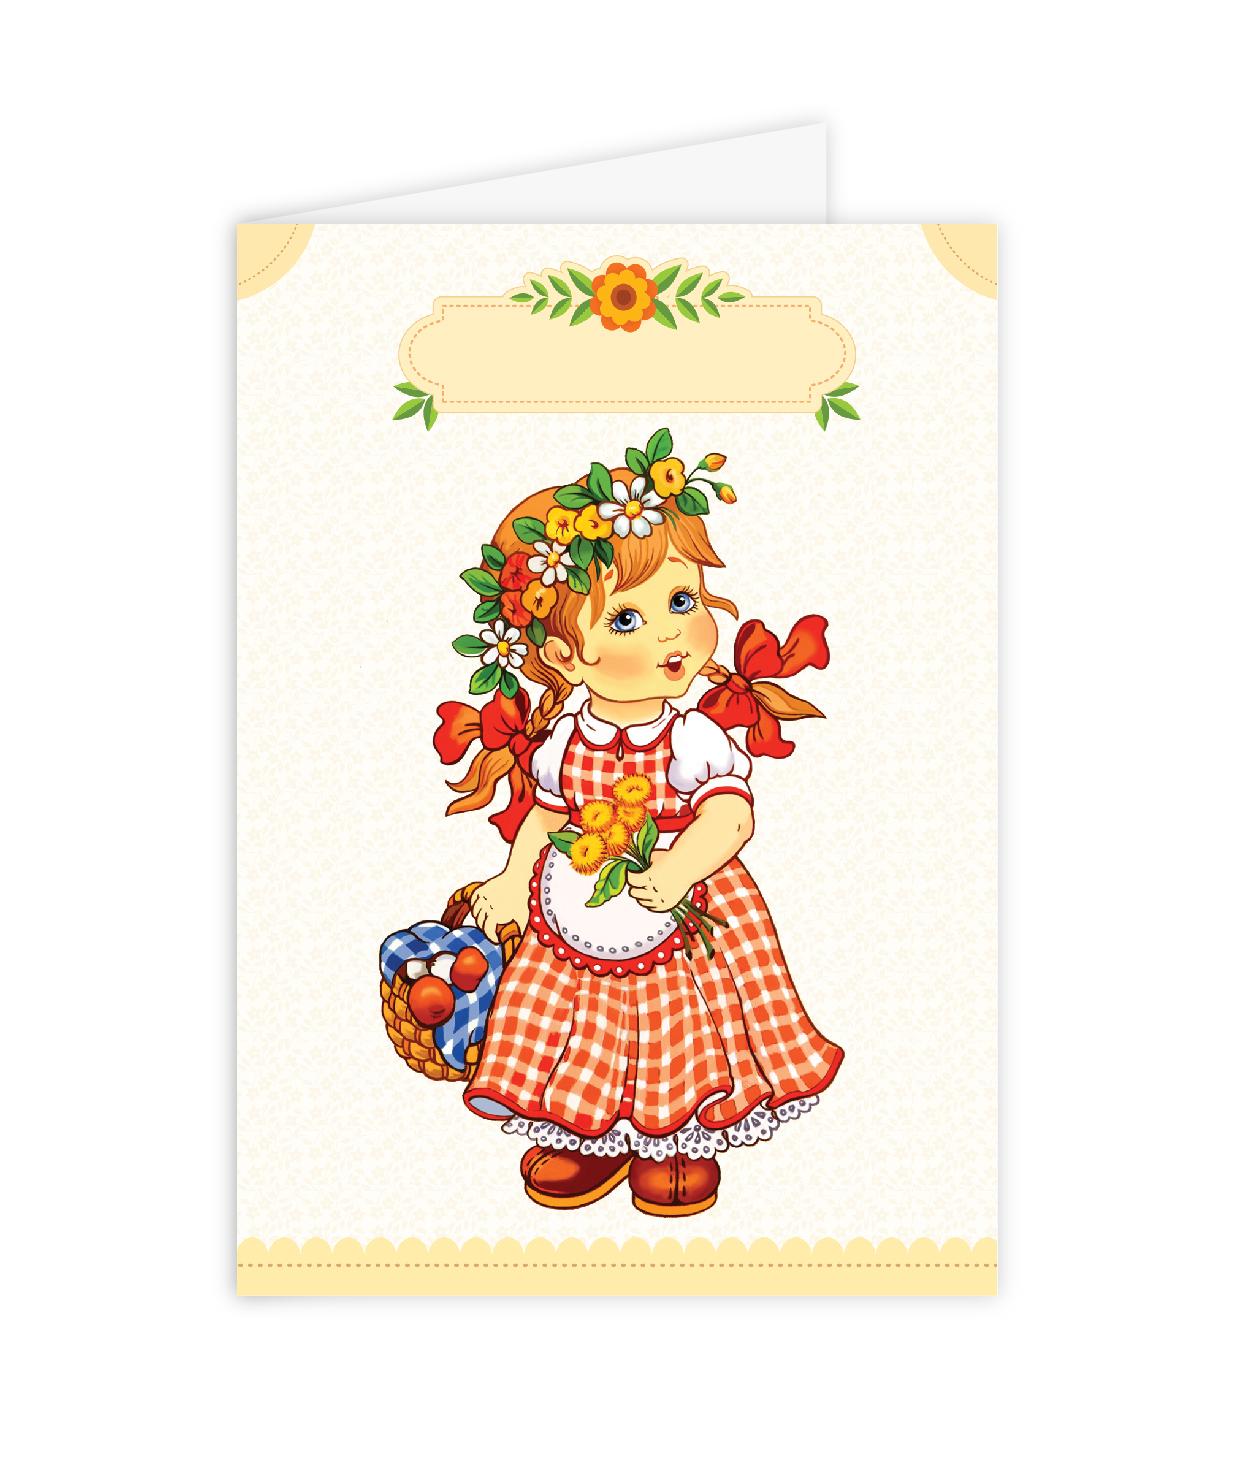 Открытка–папертоль Девочка с корзинкой – главное фото сюжета.